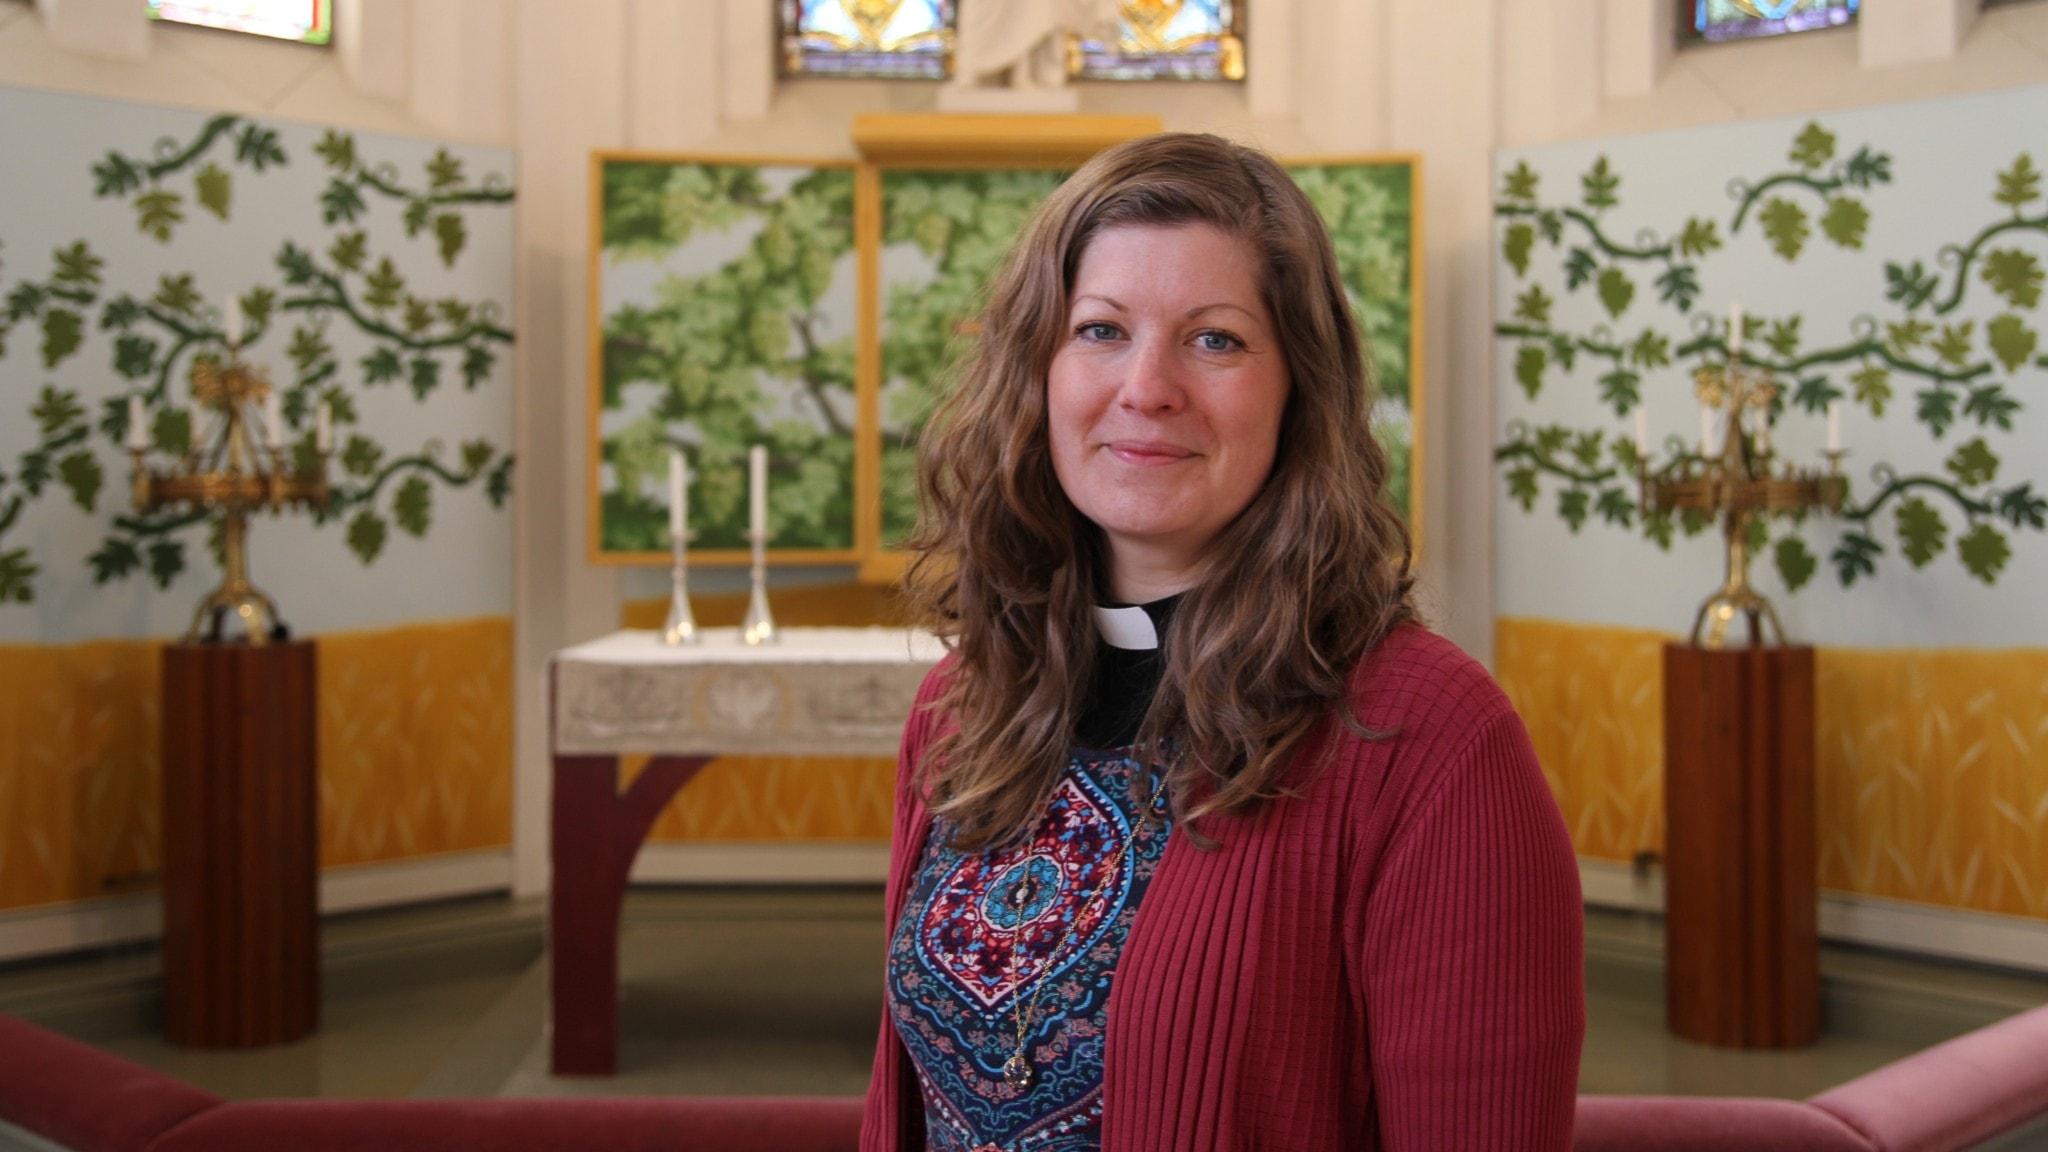 Kvinna i prästskjorta framför en altartavla med grönskande vingrenar.